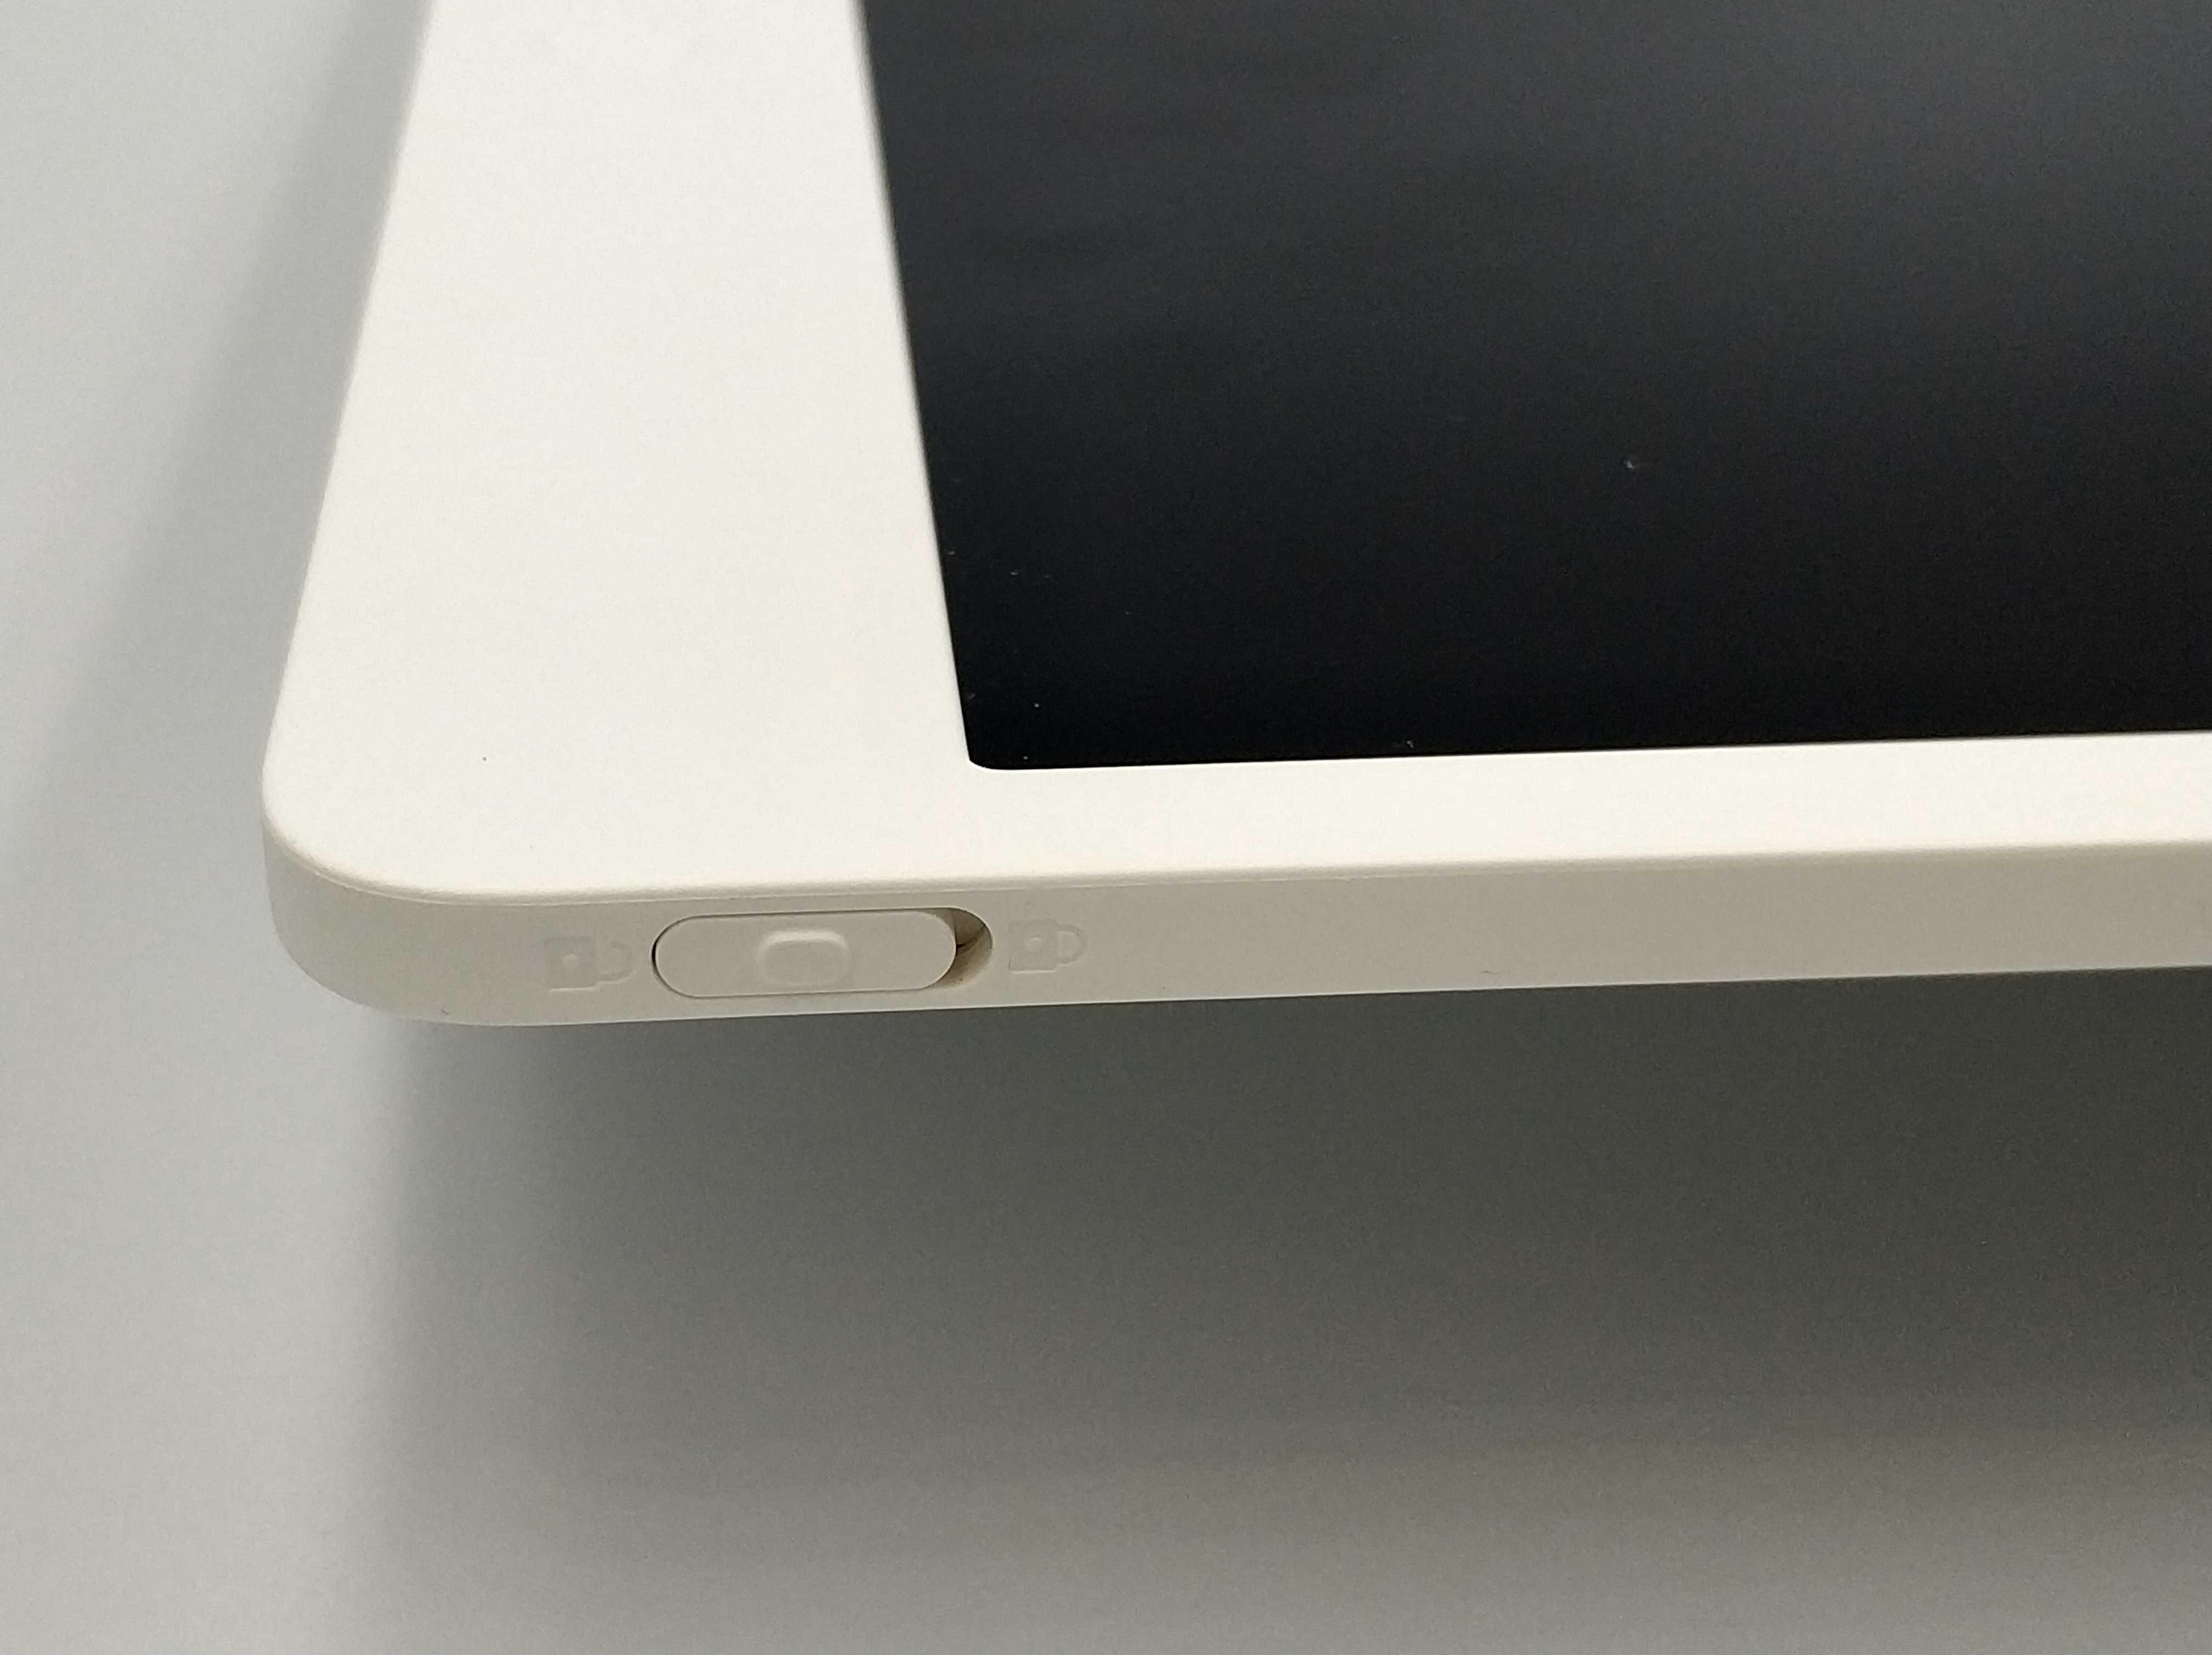 Топ-30 планшетов с aliexpress: рейтинг 2020 года